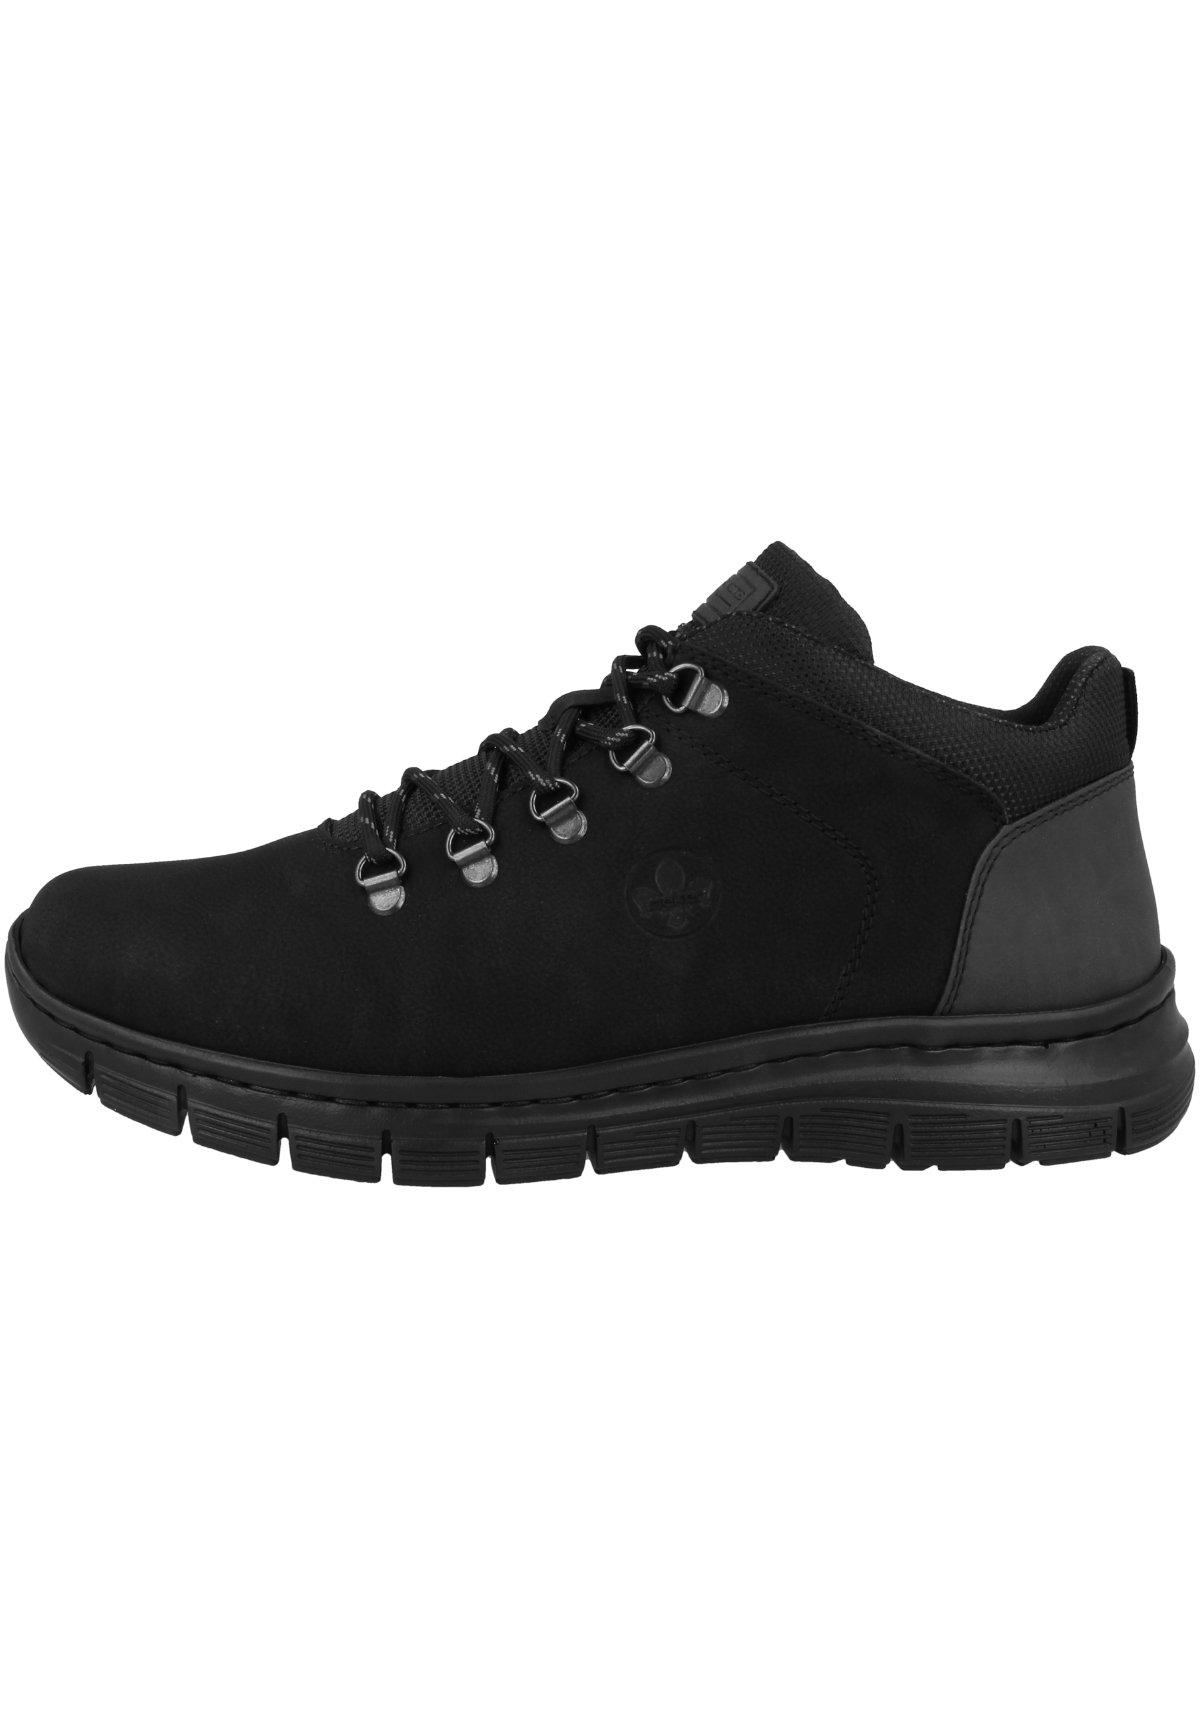 Homme Chaussures à lacets - black-black-lead